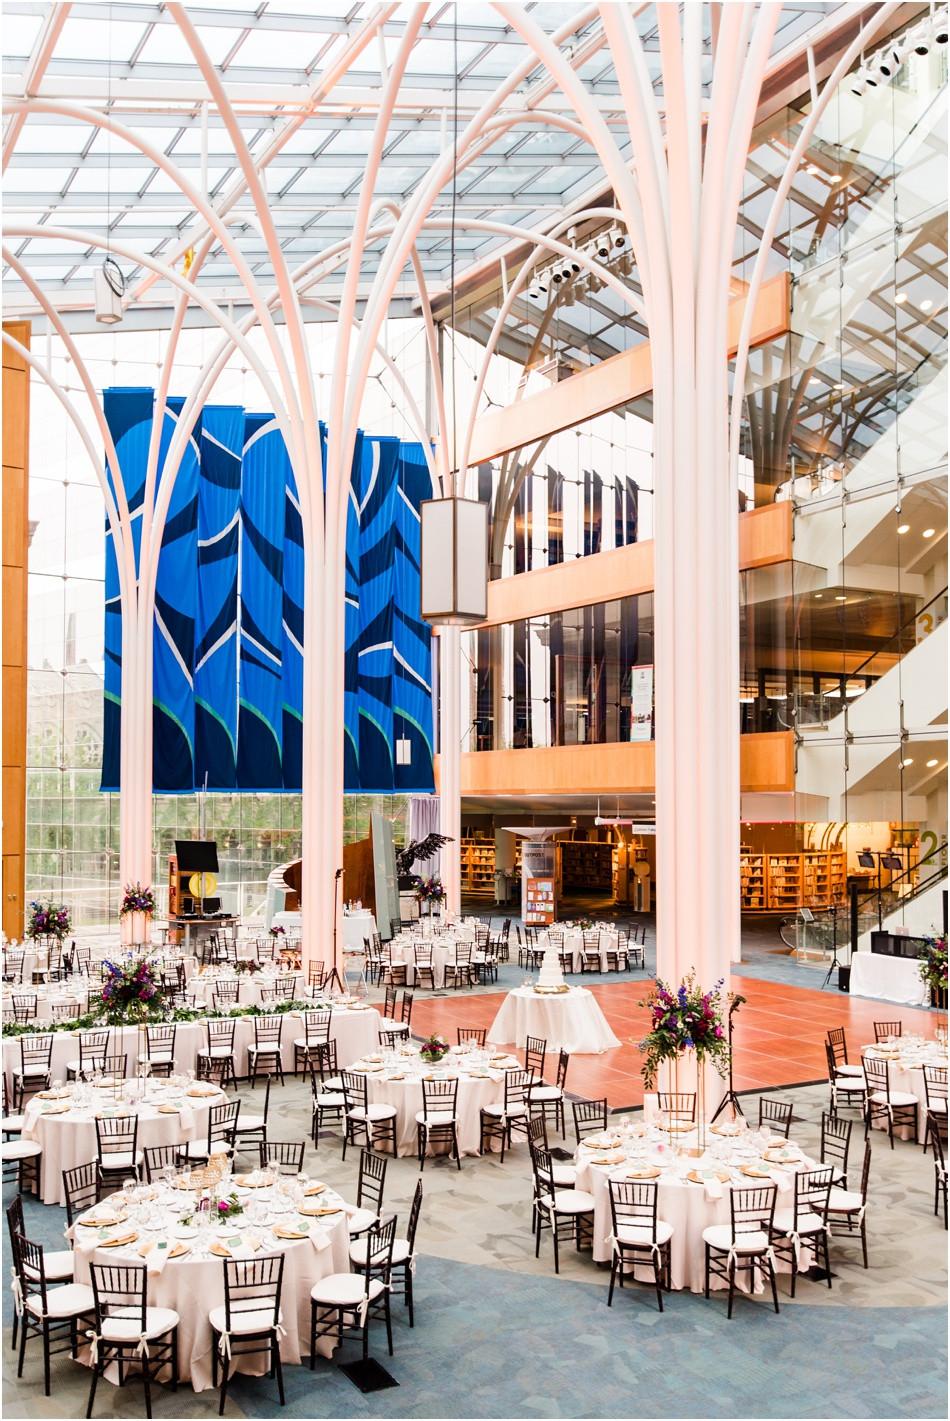 Indianapolis-public-library-wedding-reception